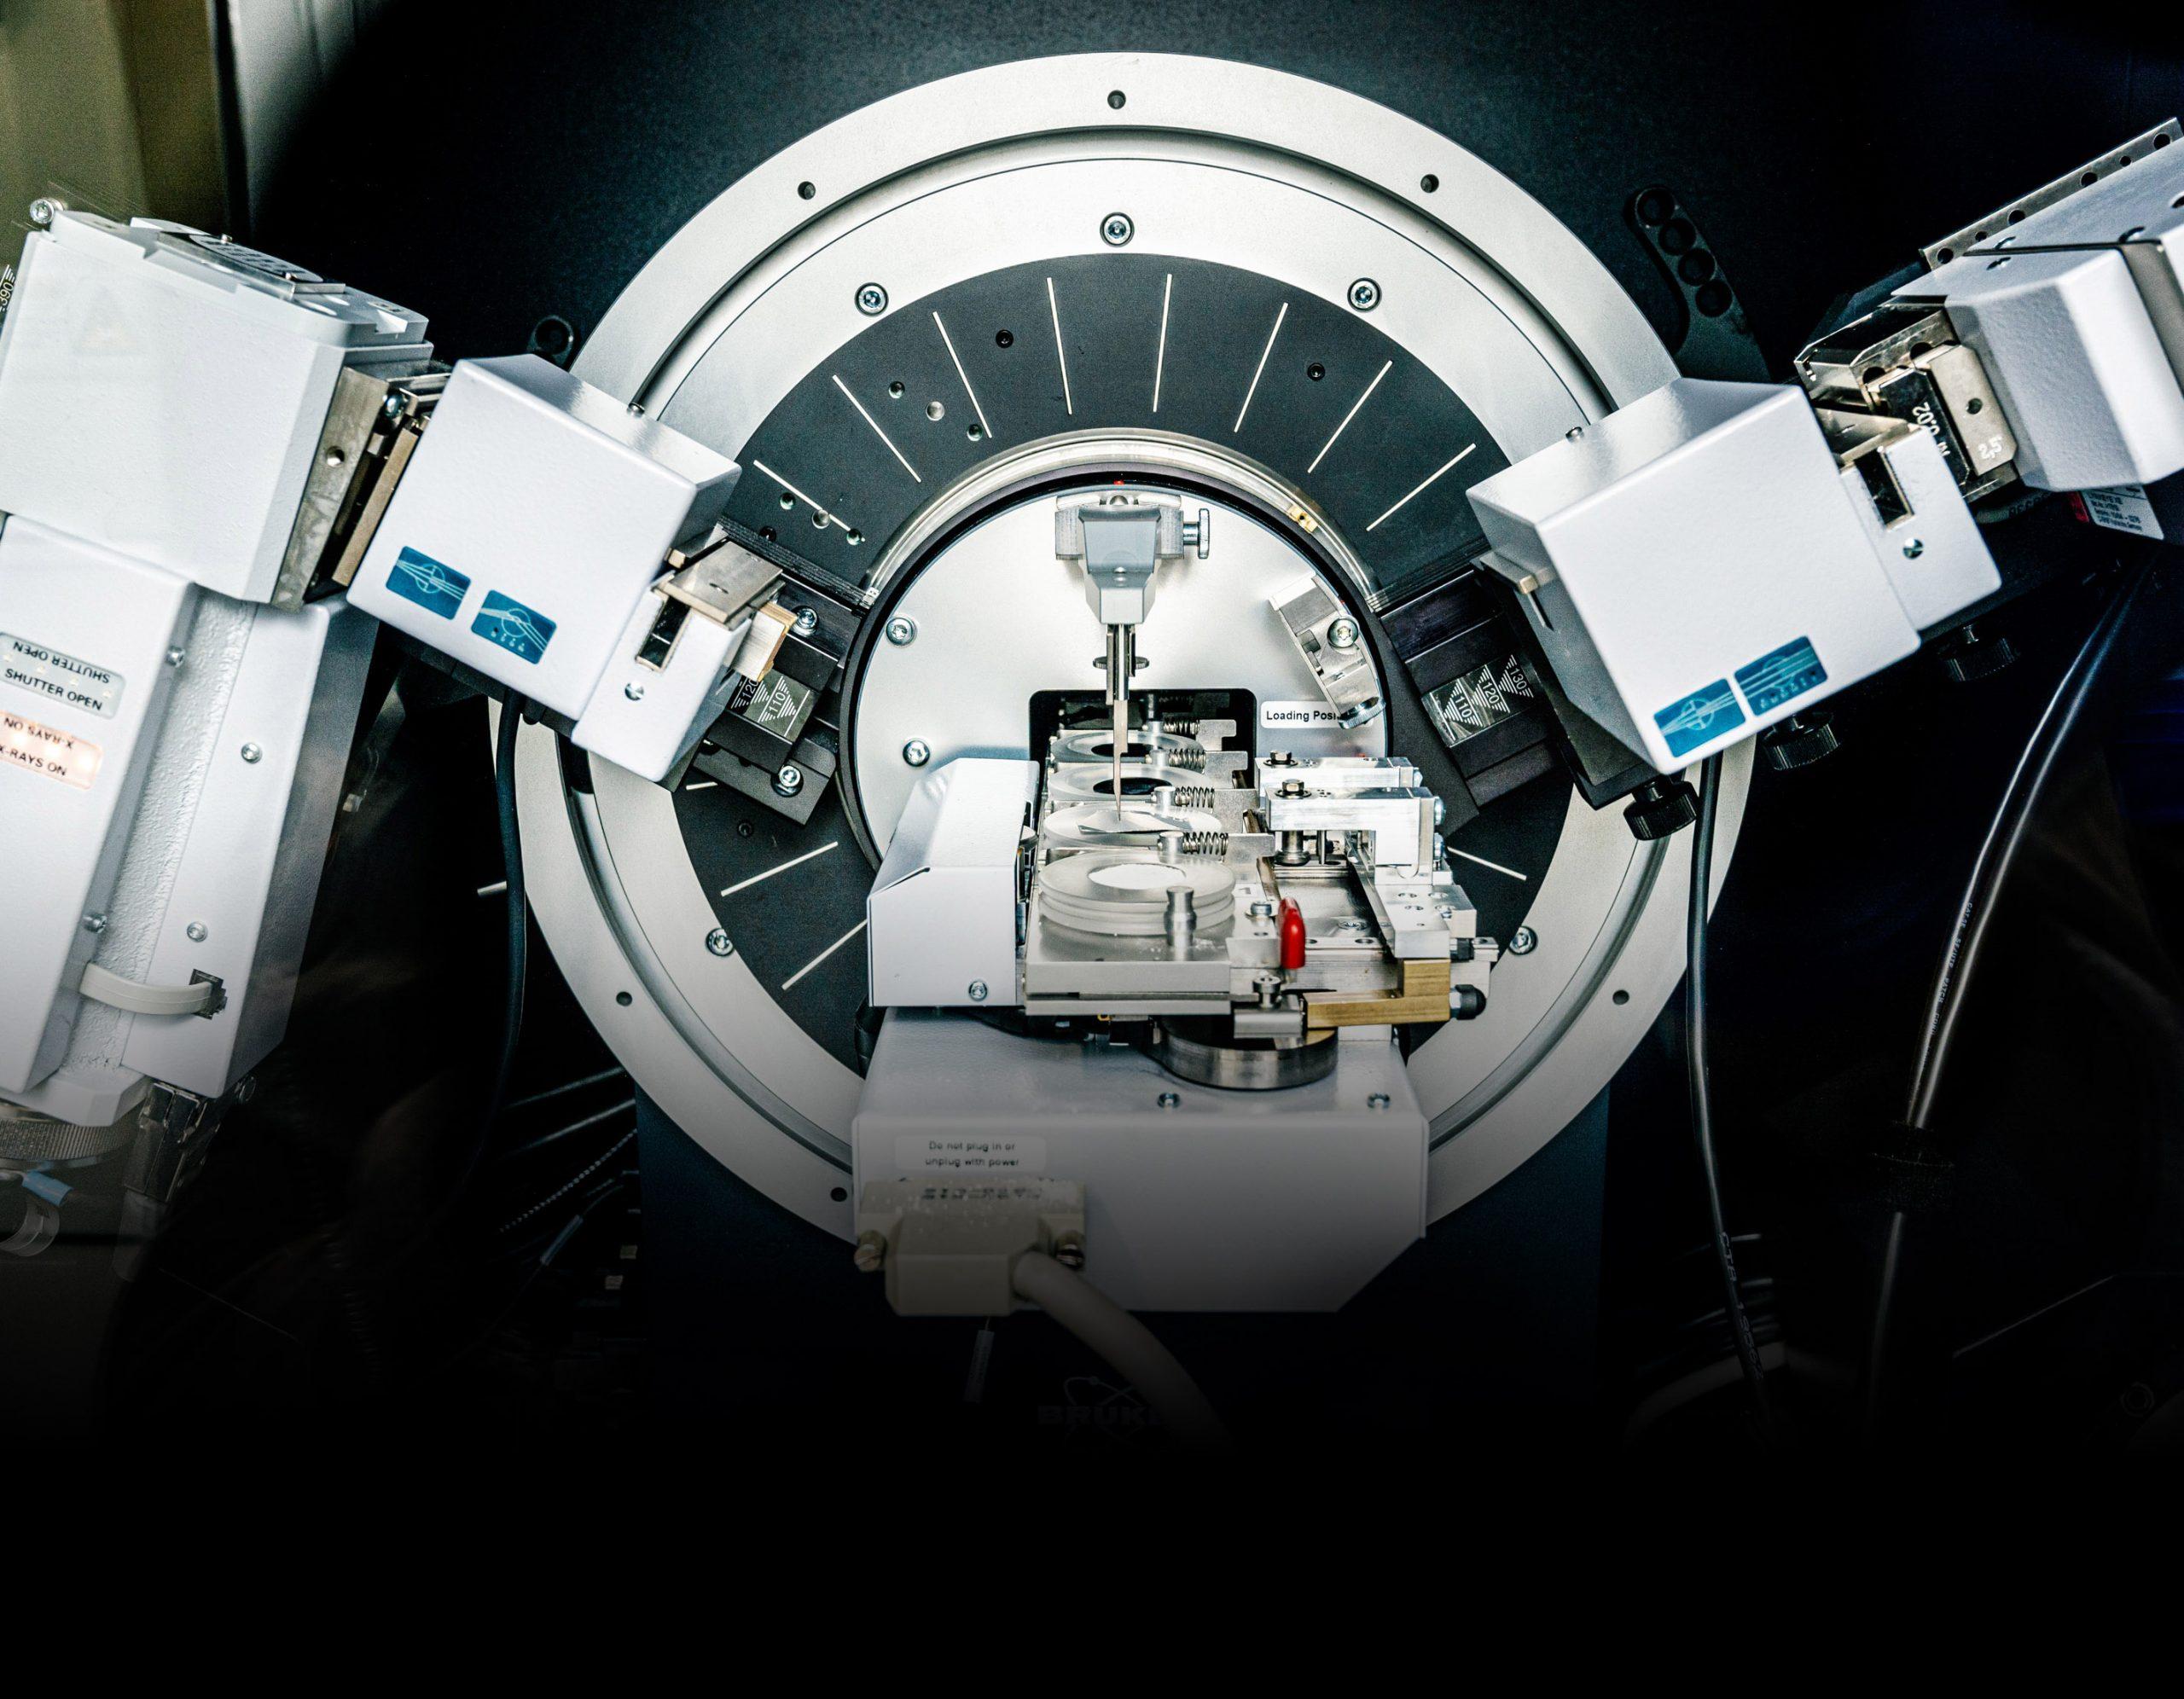 新リチウム金属電池、「ガソリン車並み」EVは実現するか?